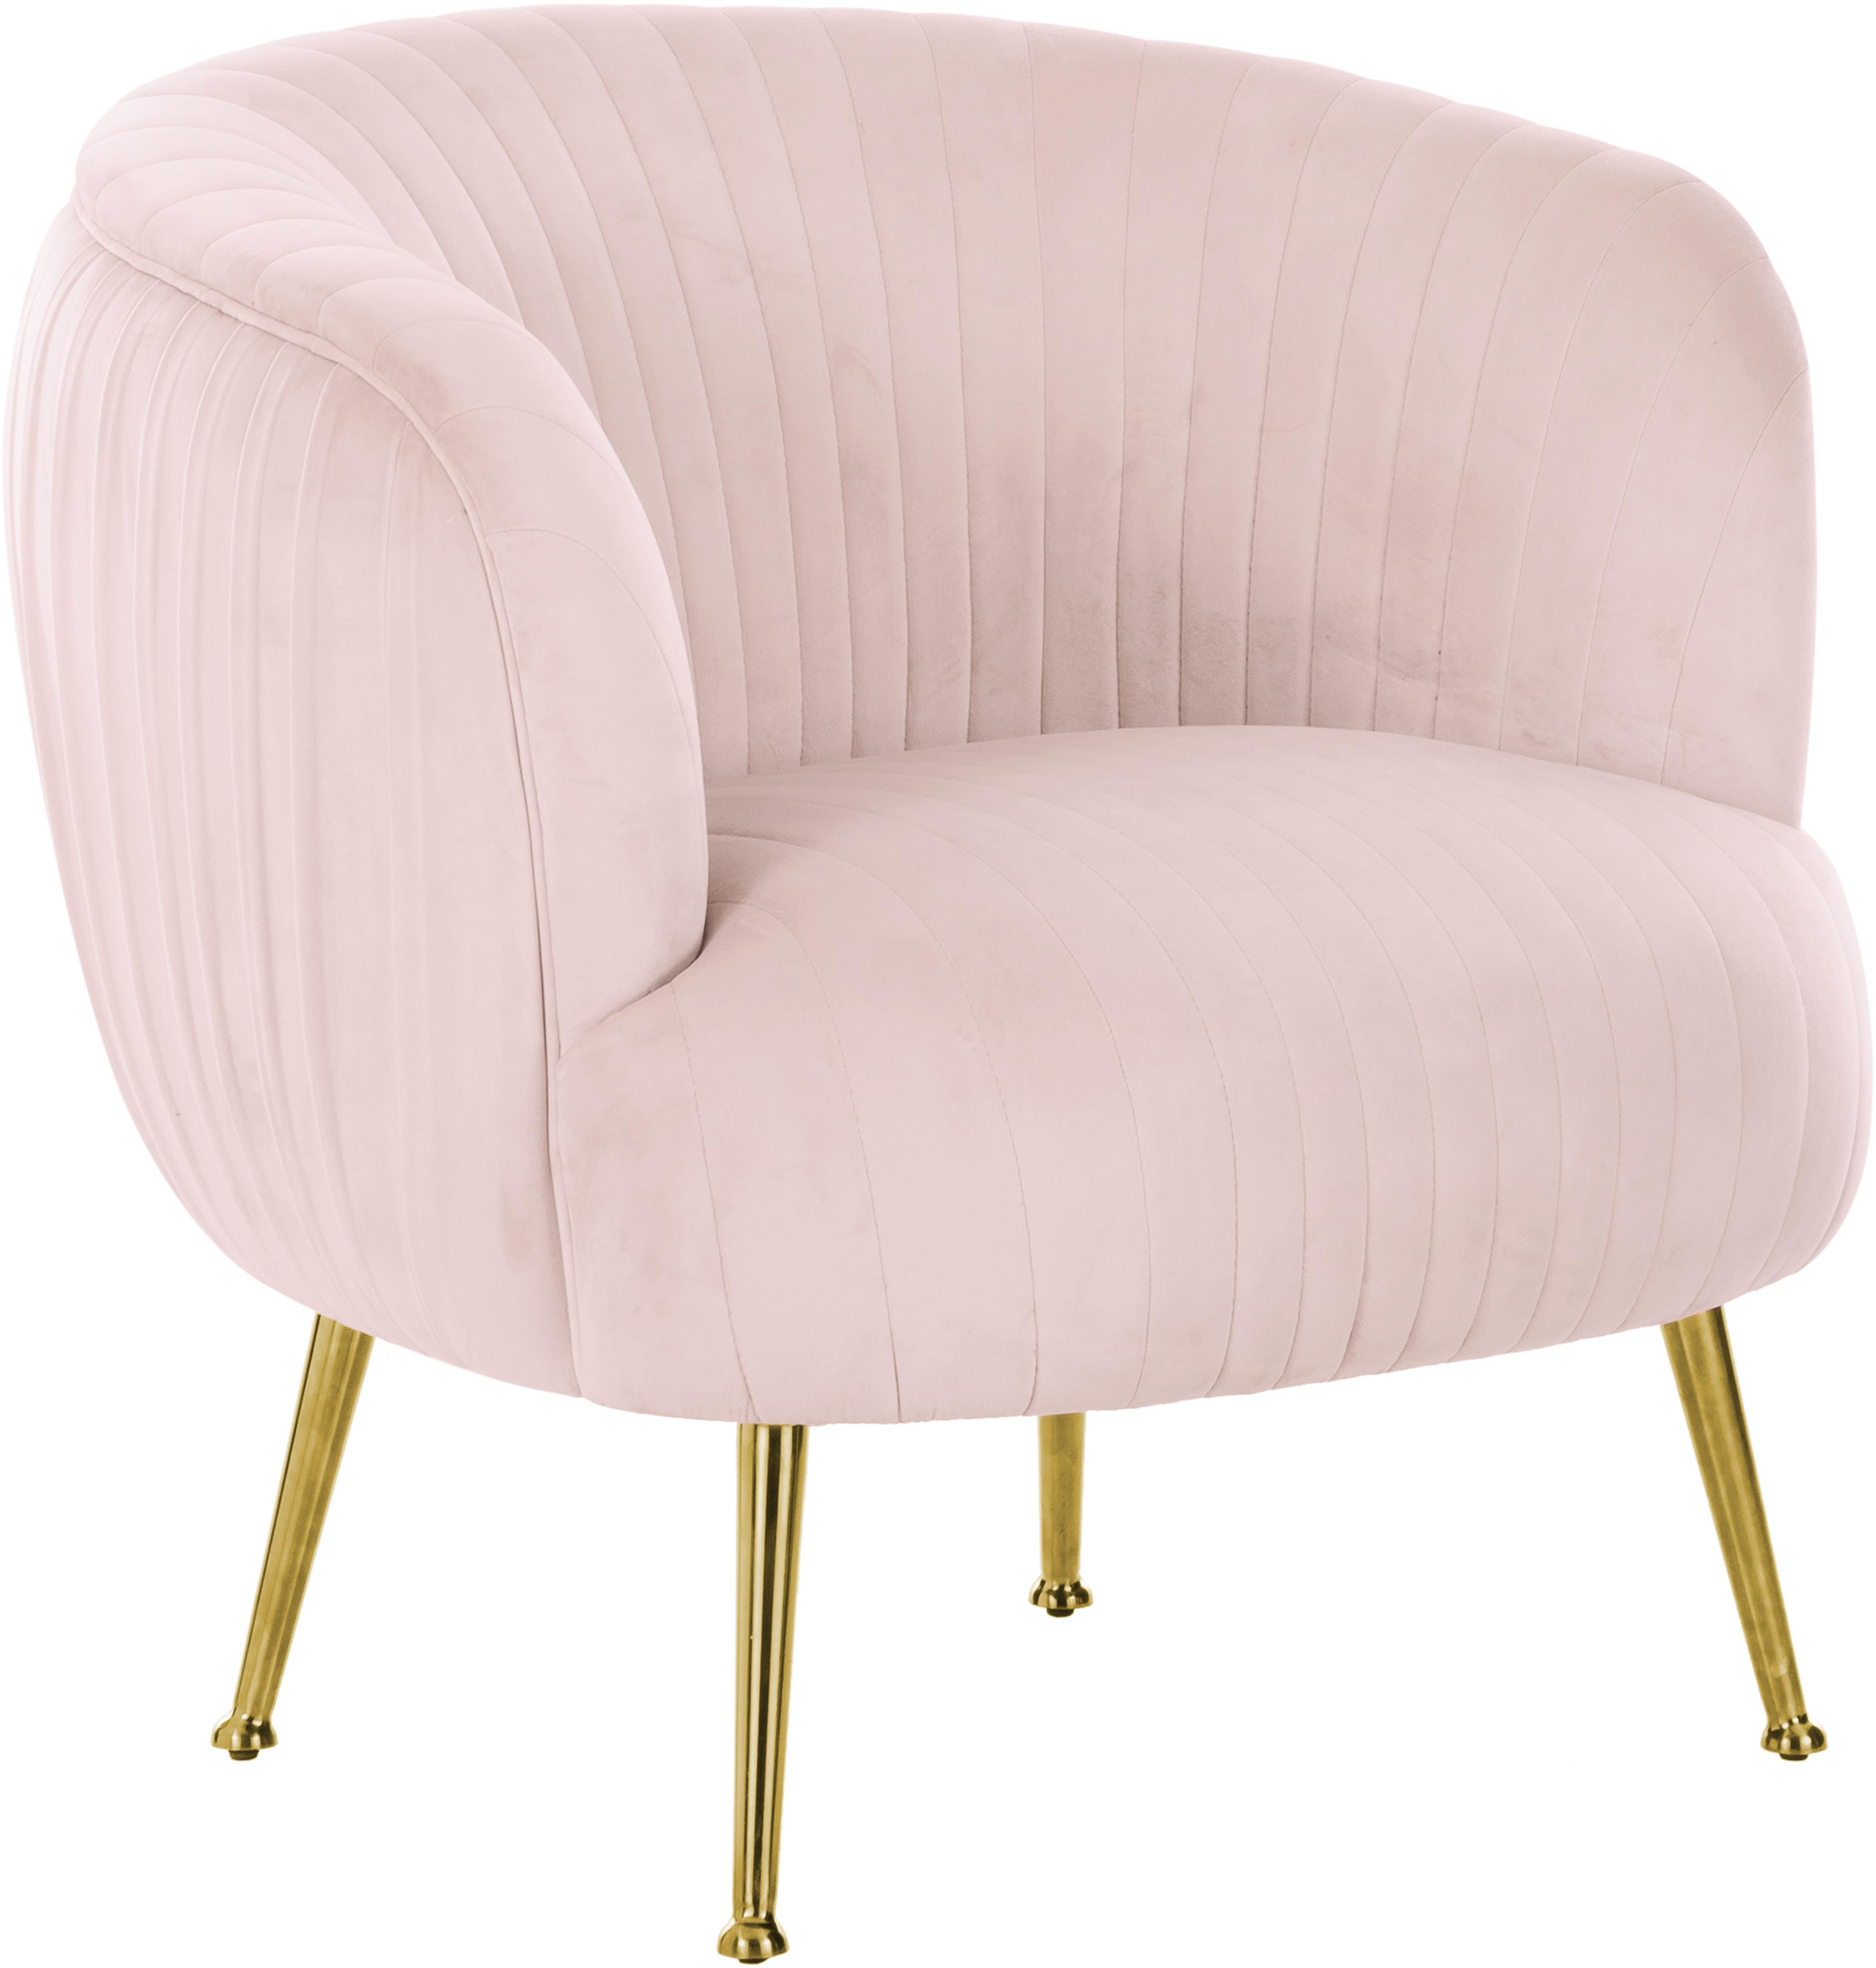 Poltrona in velluto Cara, Rivestimento: velluto (poliestere) 50.0, Struttura: legno di betulla massicci, Piedini: metallo, rivestito, Velluto rosa chiaro, Larg. 81 x Alt. 78 cm